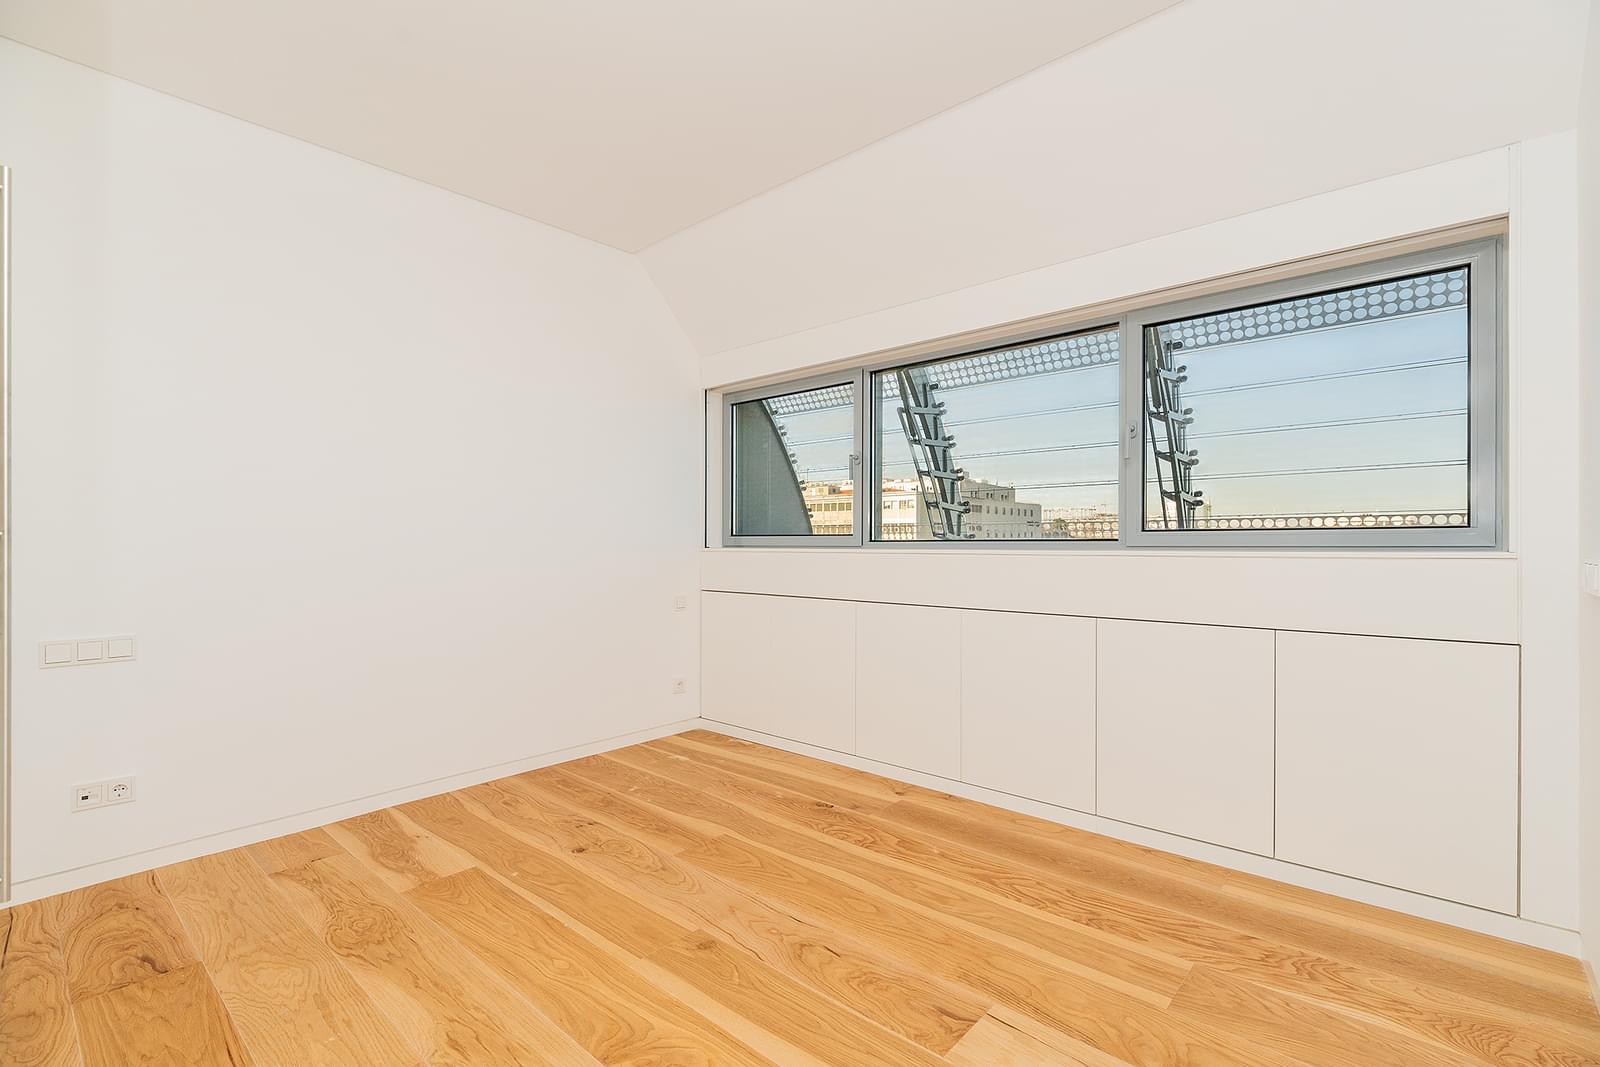 pf18713-apartamento-t3-lisboa-0c544cba-f9c2-4aac-99d6-3a7eaec441a3